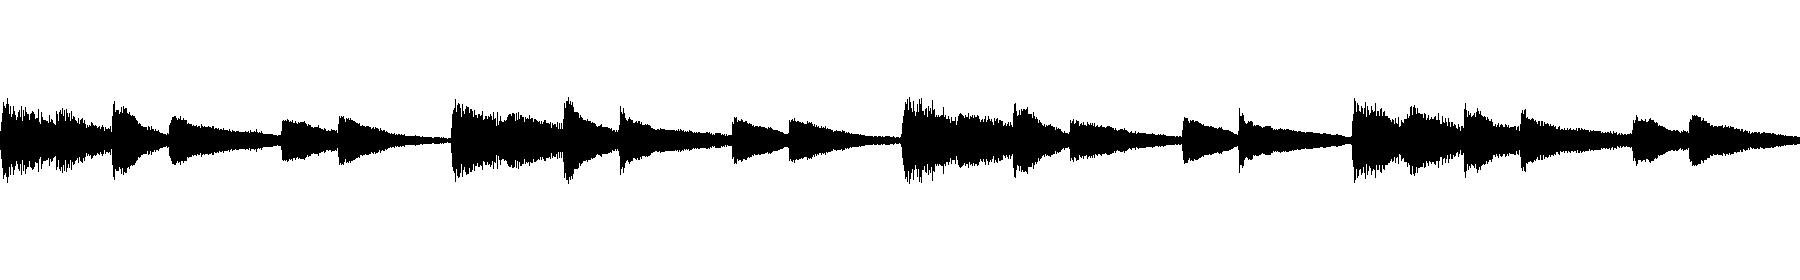 vinyl piano 100 bpm cm